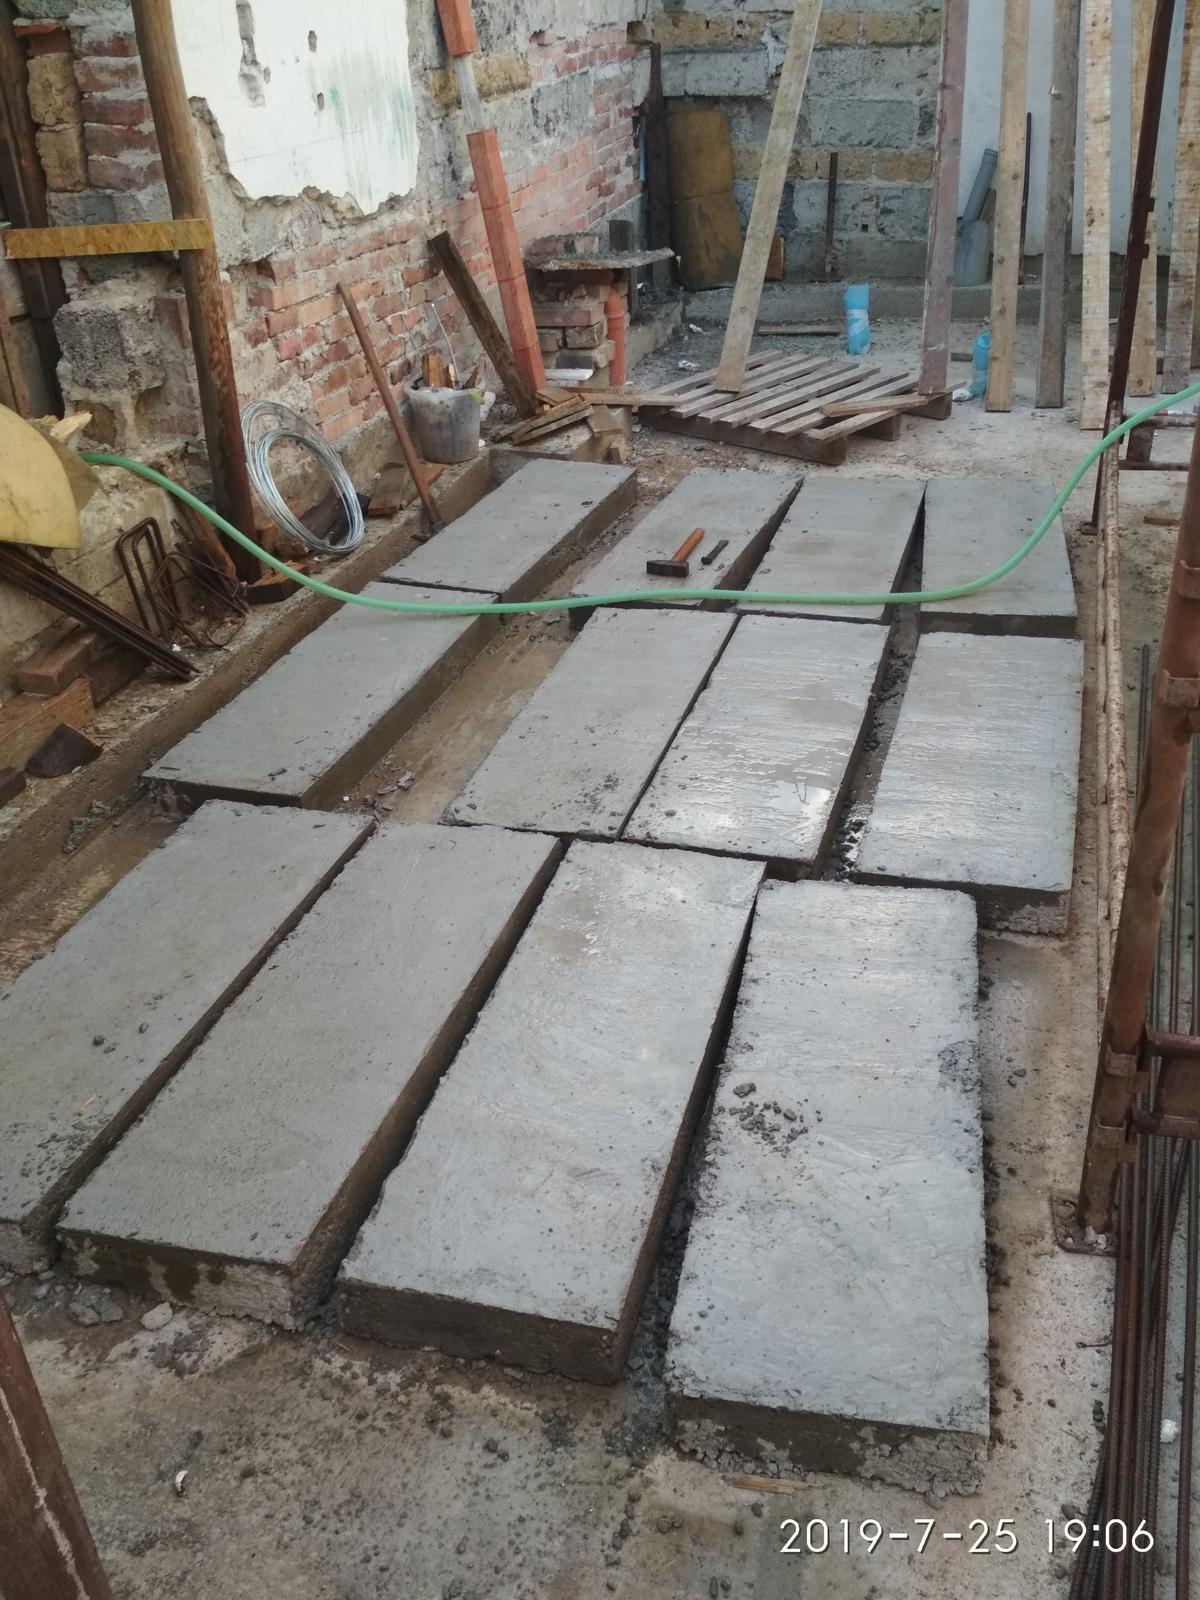 RD Ličartovce rekonštrukcia - Betónové náhrobky pod kolesá, chyba bola odliať ich v interiéri a vynášať to potom von, ale aspon sa precvičili kríže